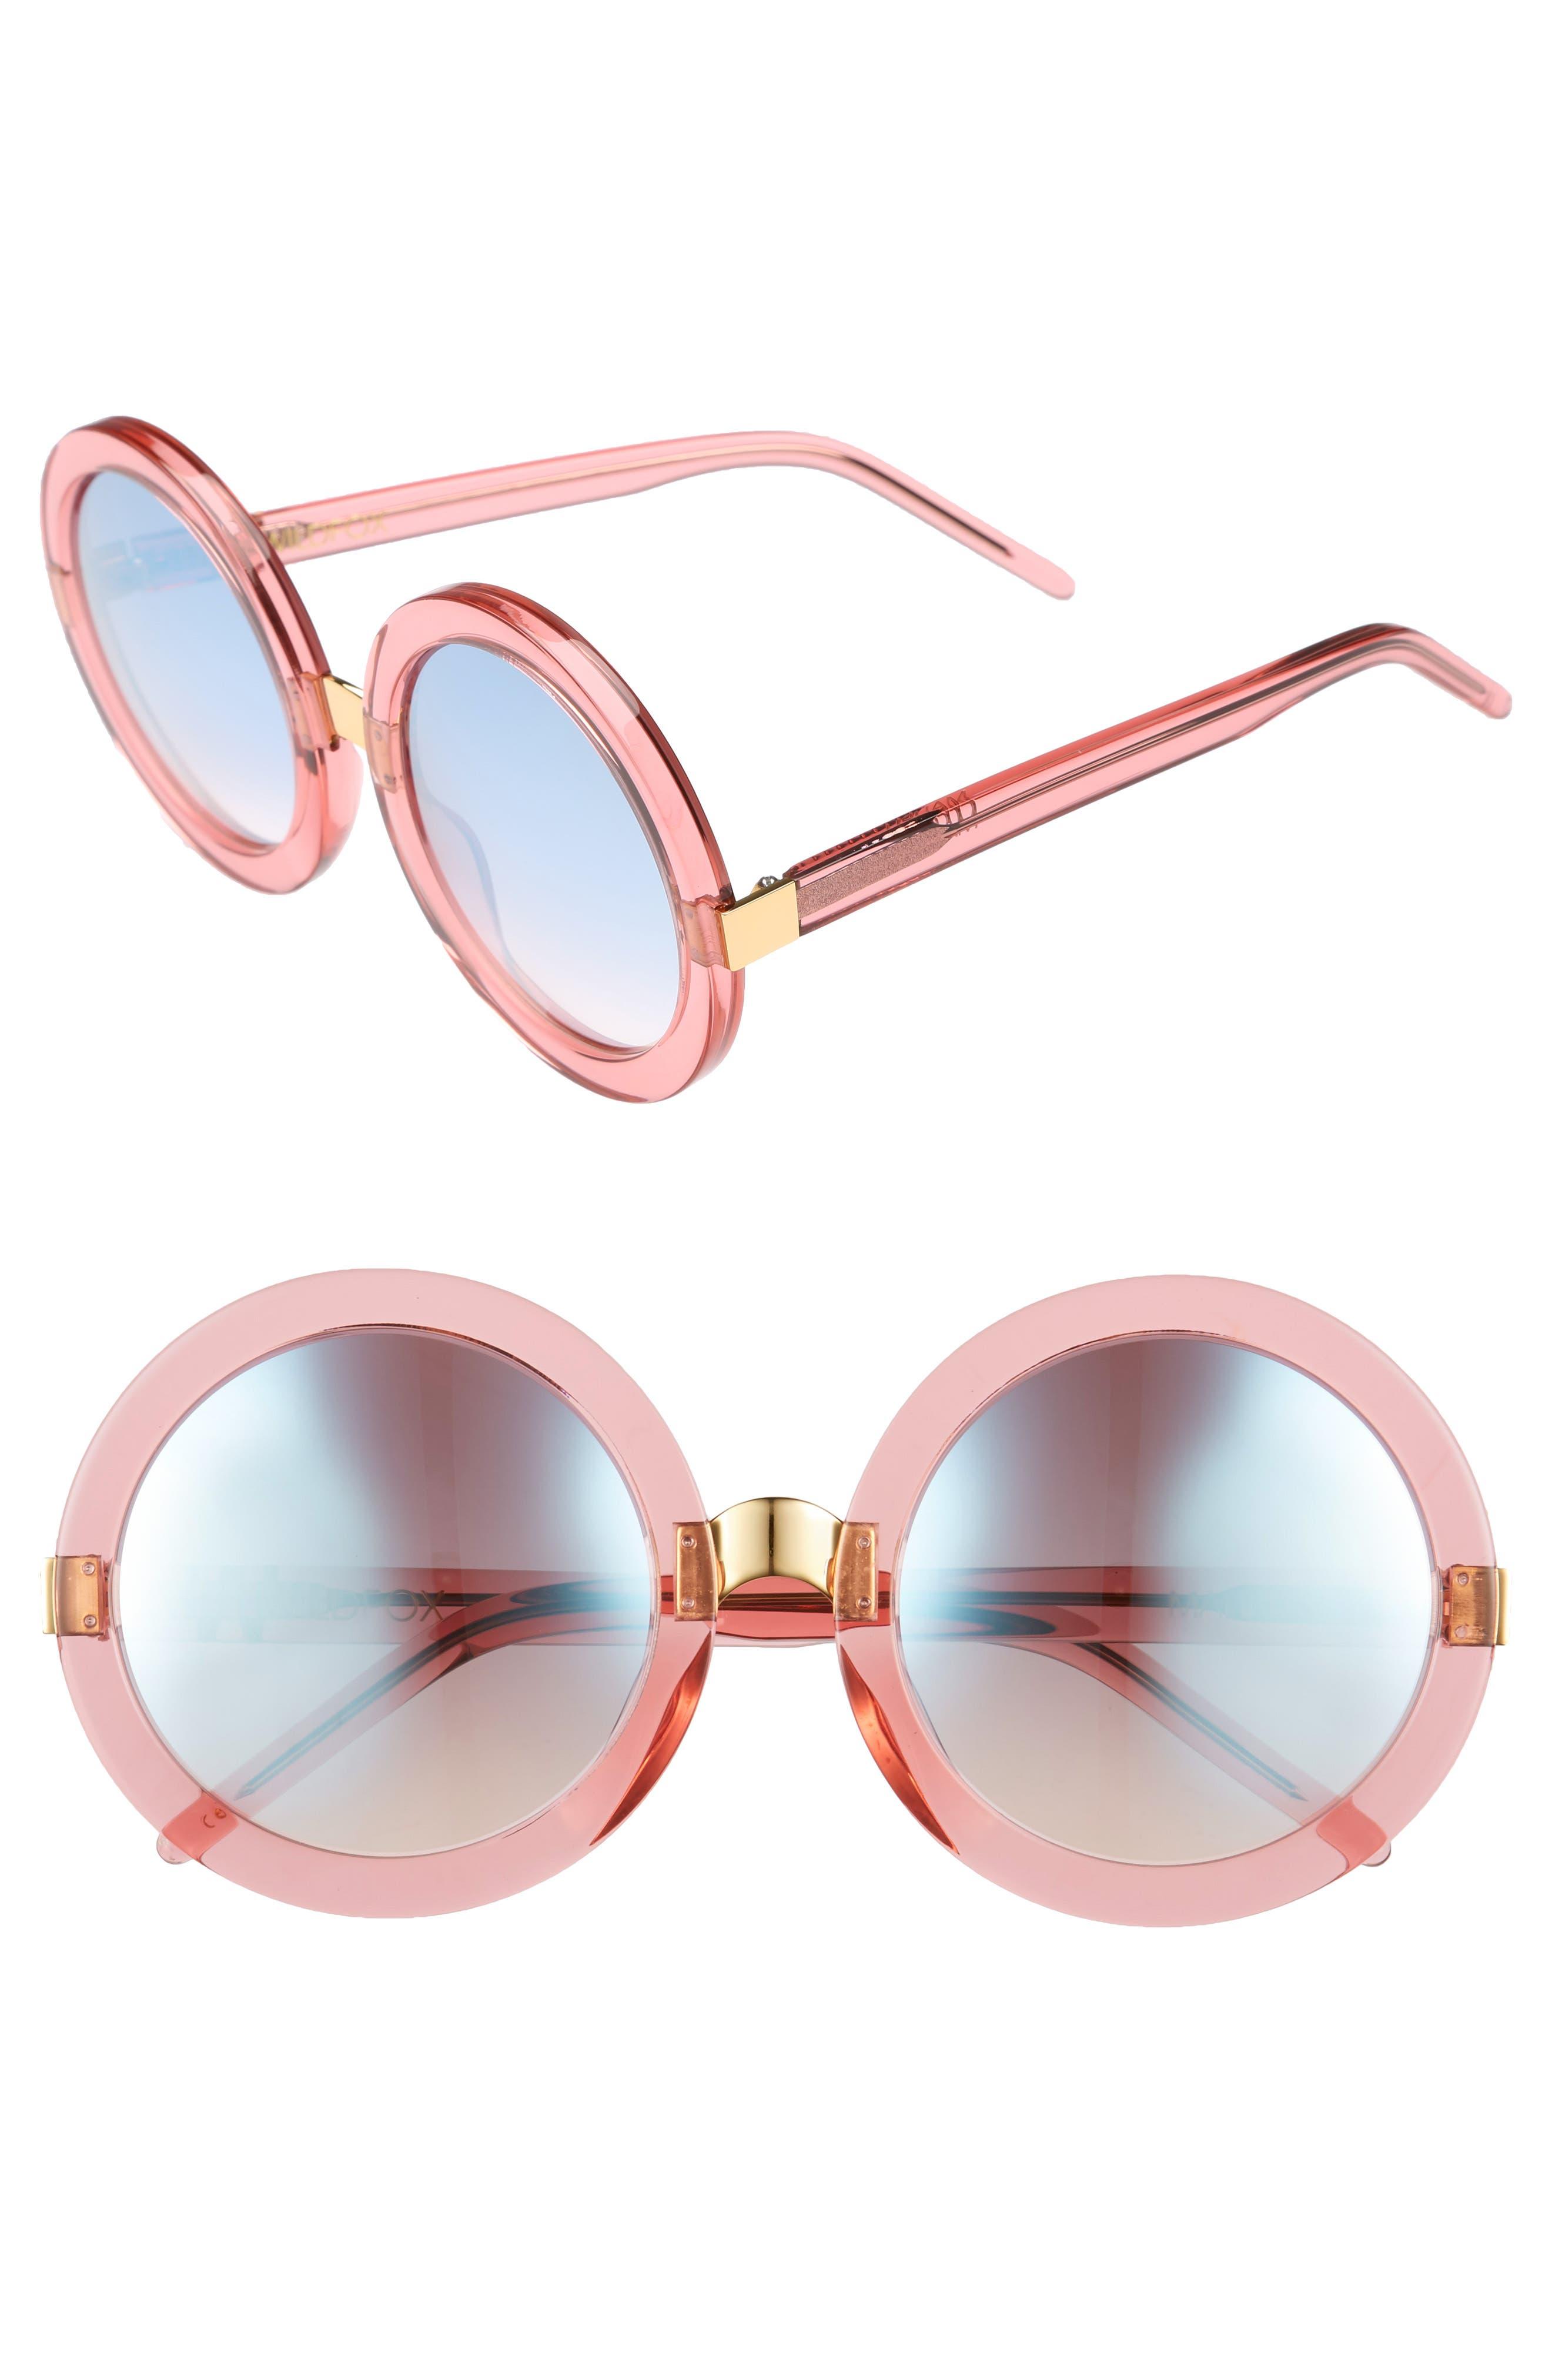 'Malibu Deluxe' 55mm Retro Sunglasses,                         Main,                         color, Rosewater/ Silver Mirror